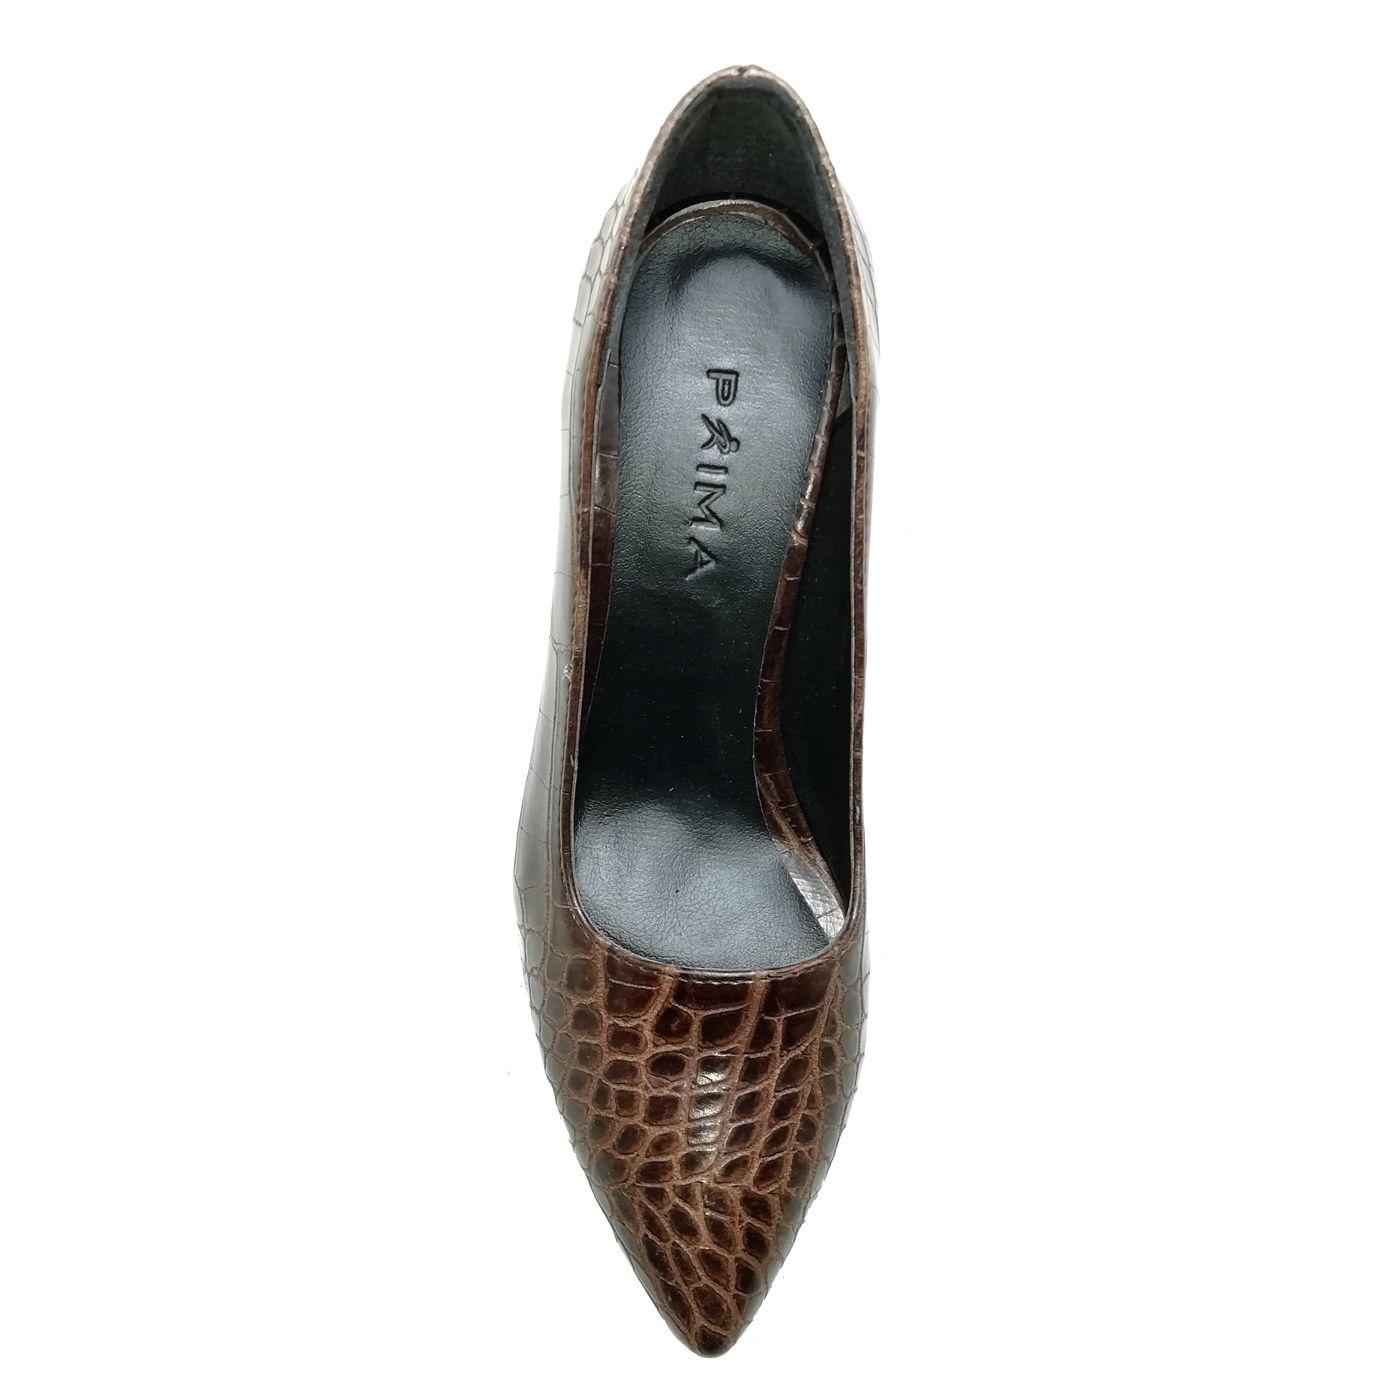 کفش زنانه پریما مدل MJ - 765b -  - 4